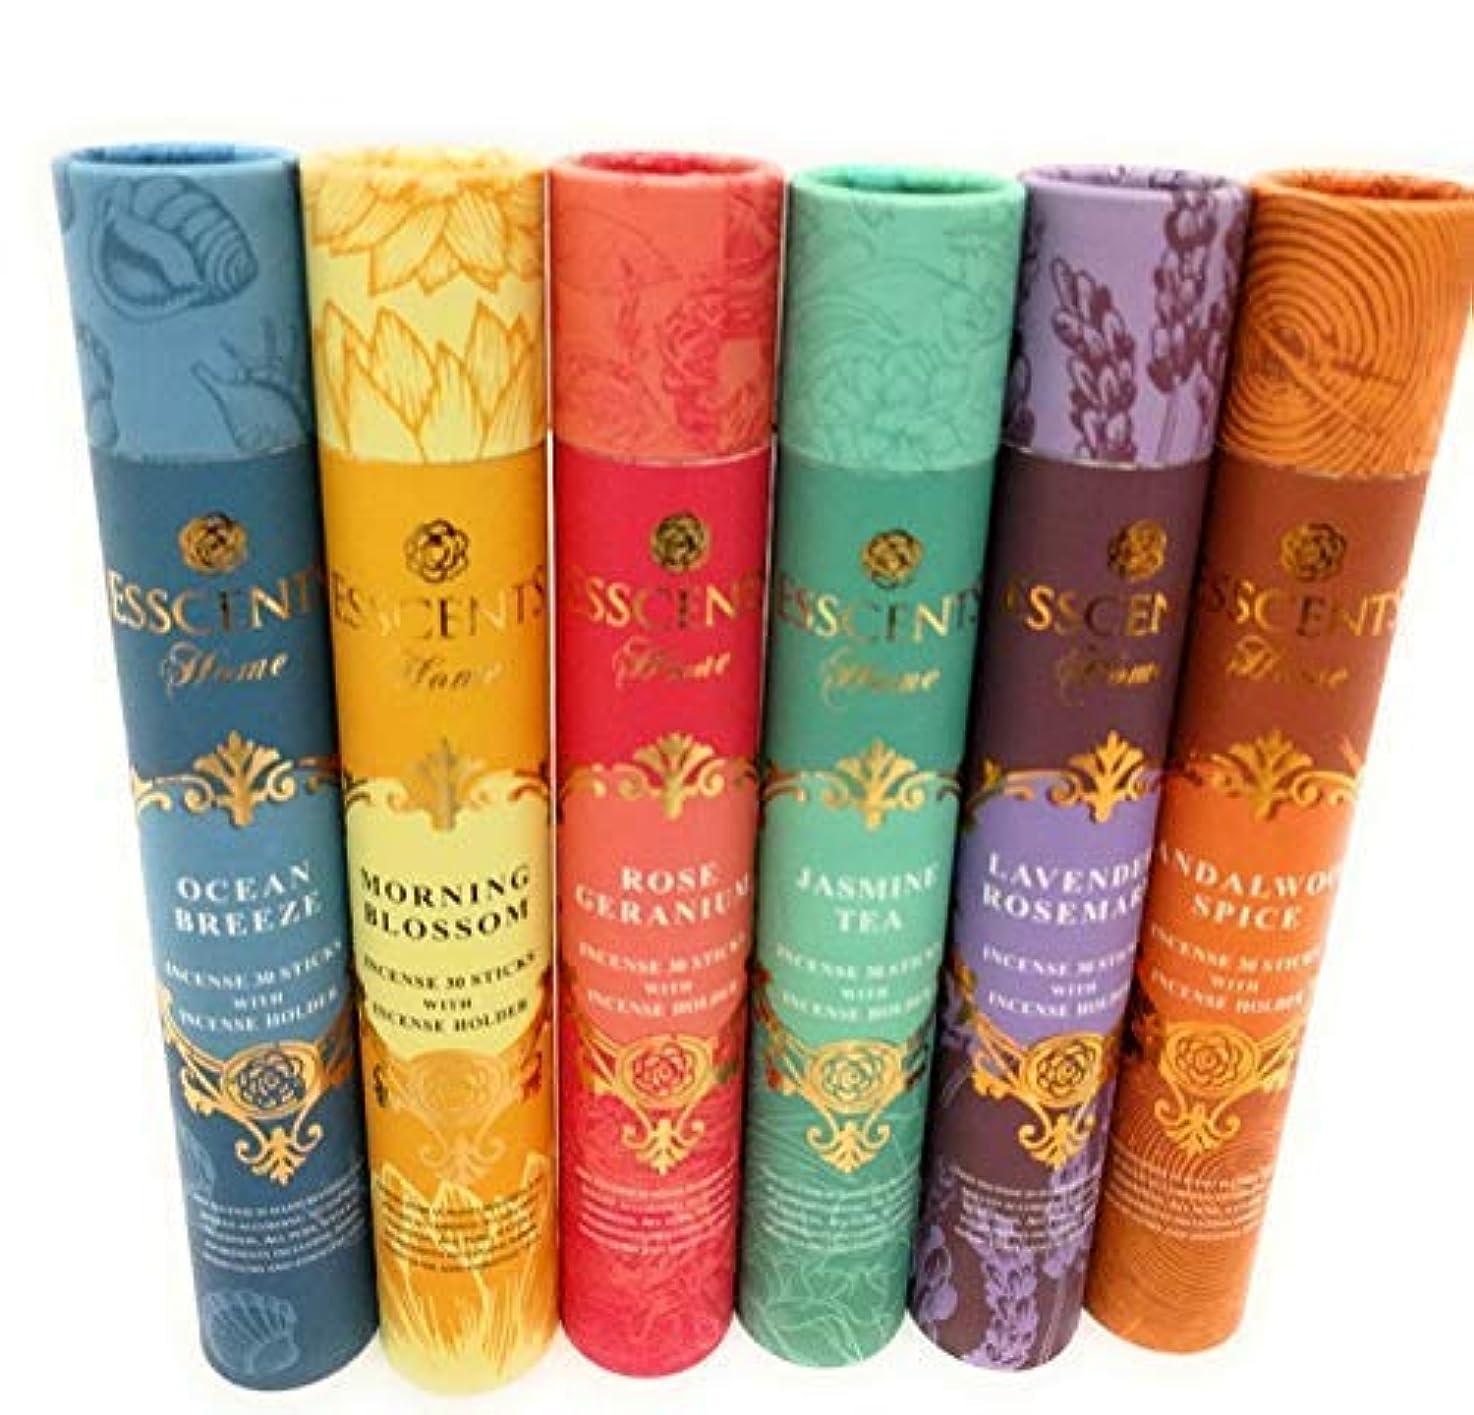 複雑な視聴者降下Essence incense gift pack 180 sticks with incense holder 6 flavours, Ocean,Morning Blosom,Jasmine tea,Rose Geranium...